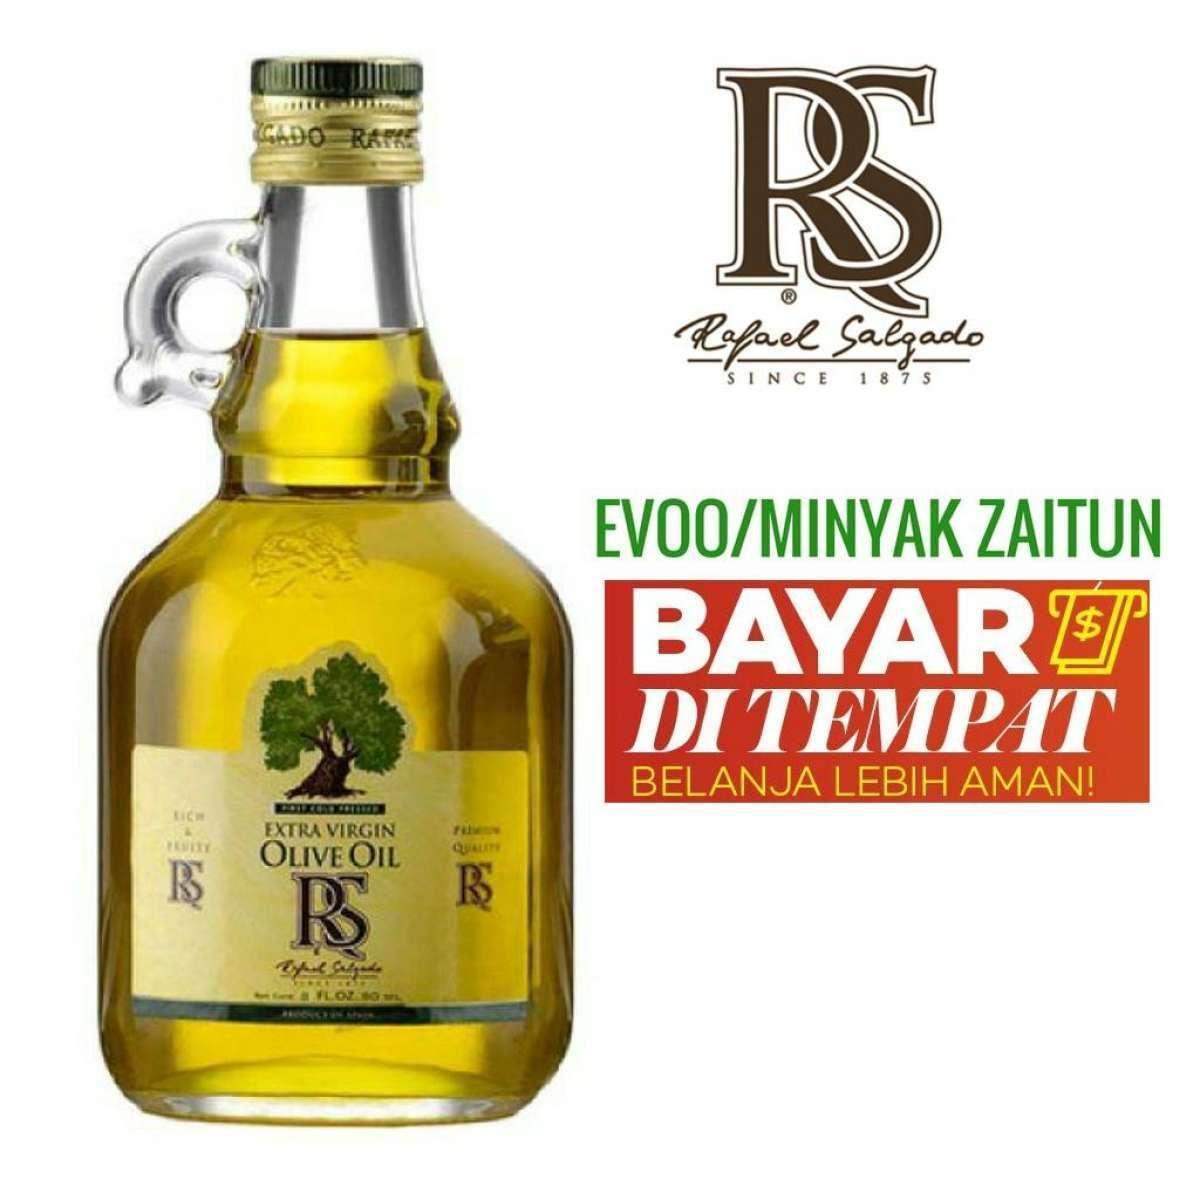 Minyak Zaitun Extra Virgin Olive Oil 250 ML- Minyak Zaitun Asli 100% RS Rafael Salgado - Minyak Zaitun Untuk Diminum, Untuk Kesahatan, Minyak Zaitun Untuk Wajah, Minyak Zaitun Untuk Rambut, Minyak Zaitun Murni, hpai, bertolli, borges, mustika ratu kapsul